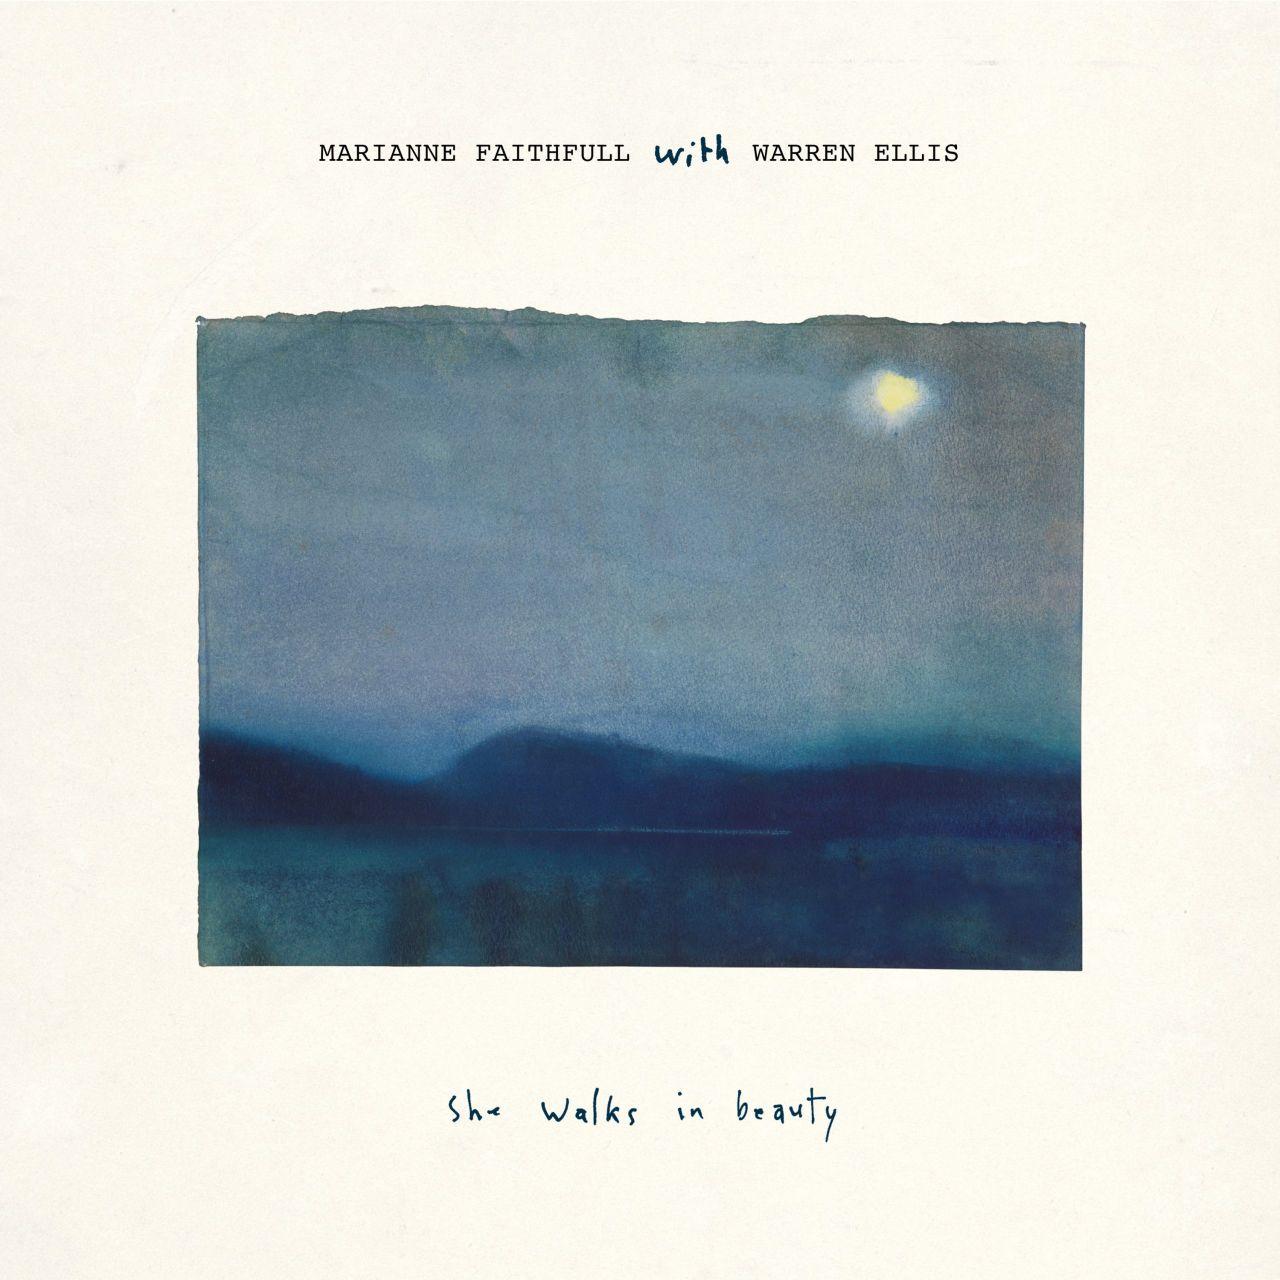 Marianne Faithfull & Warren Ellis - She Walks In Beauty - 2LP